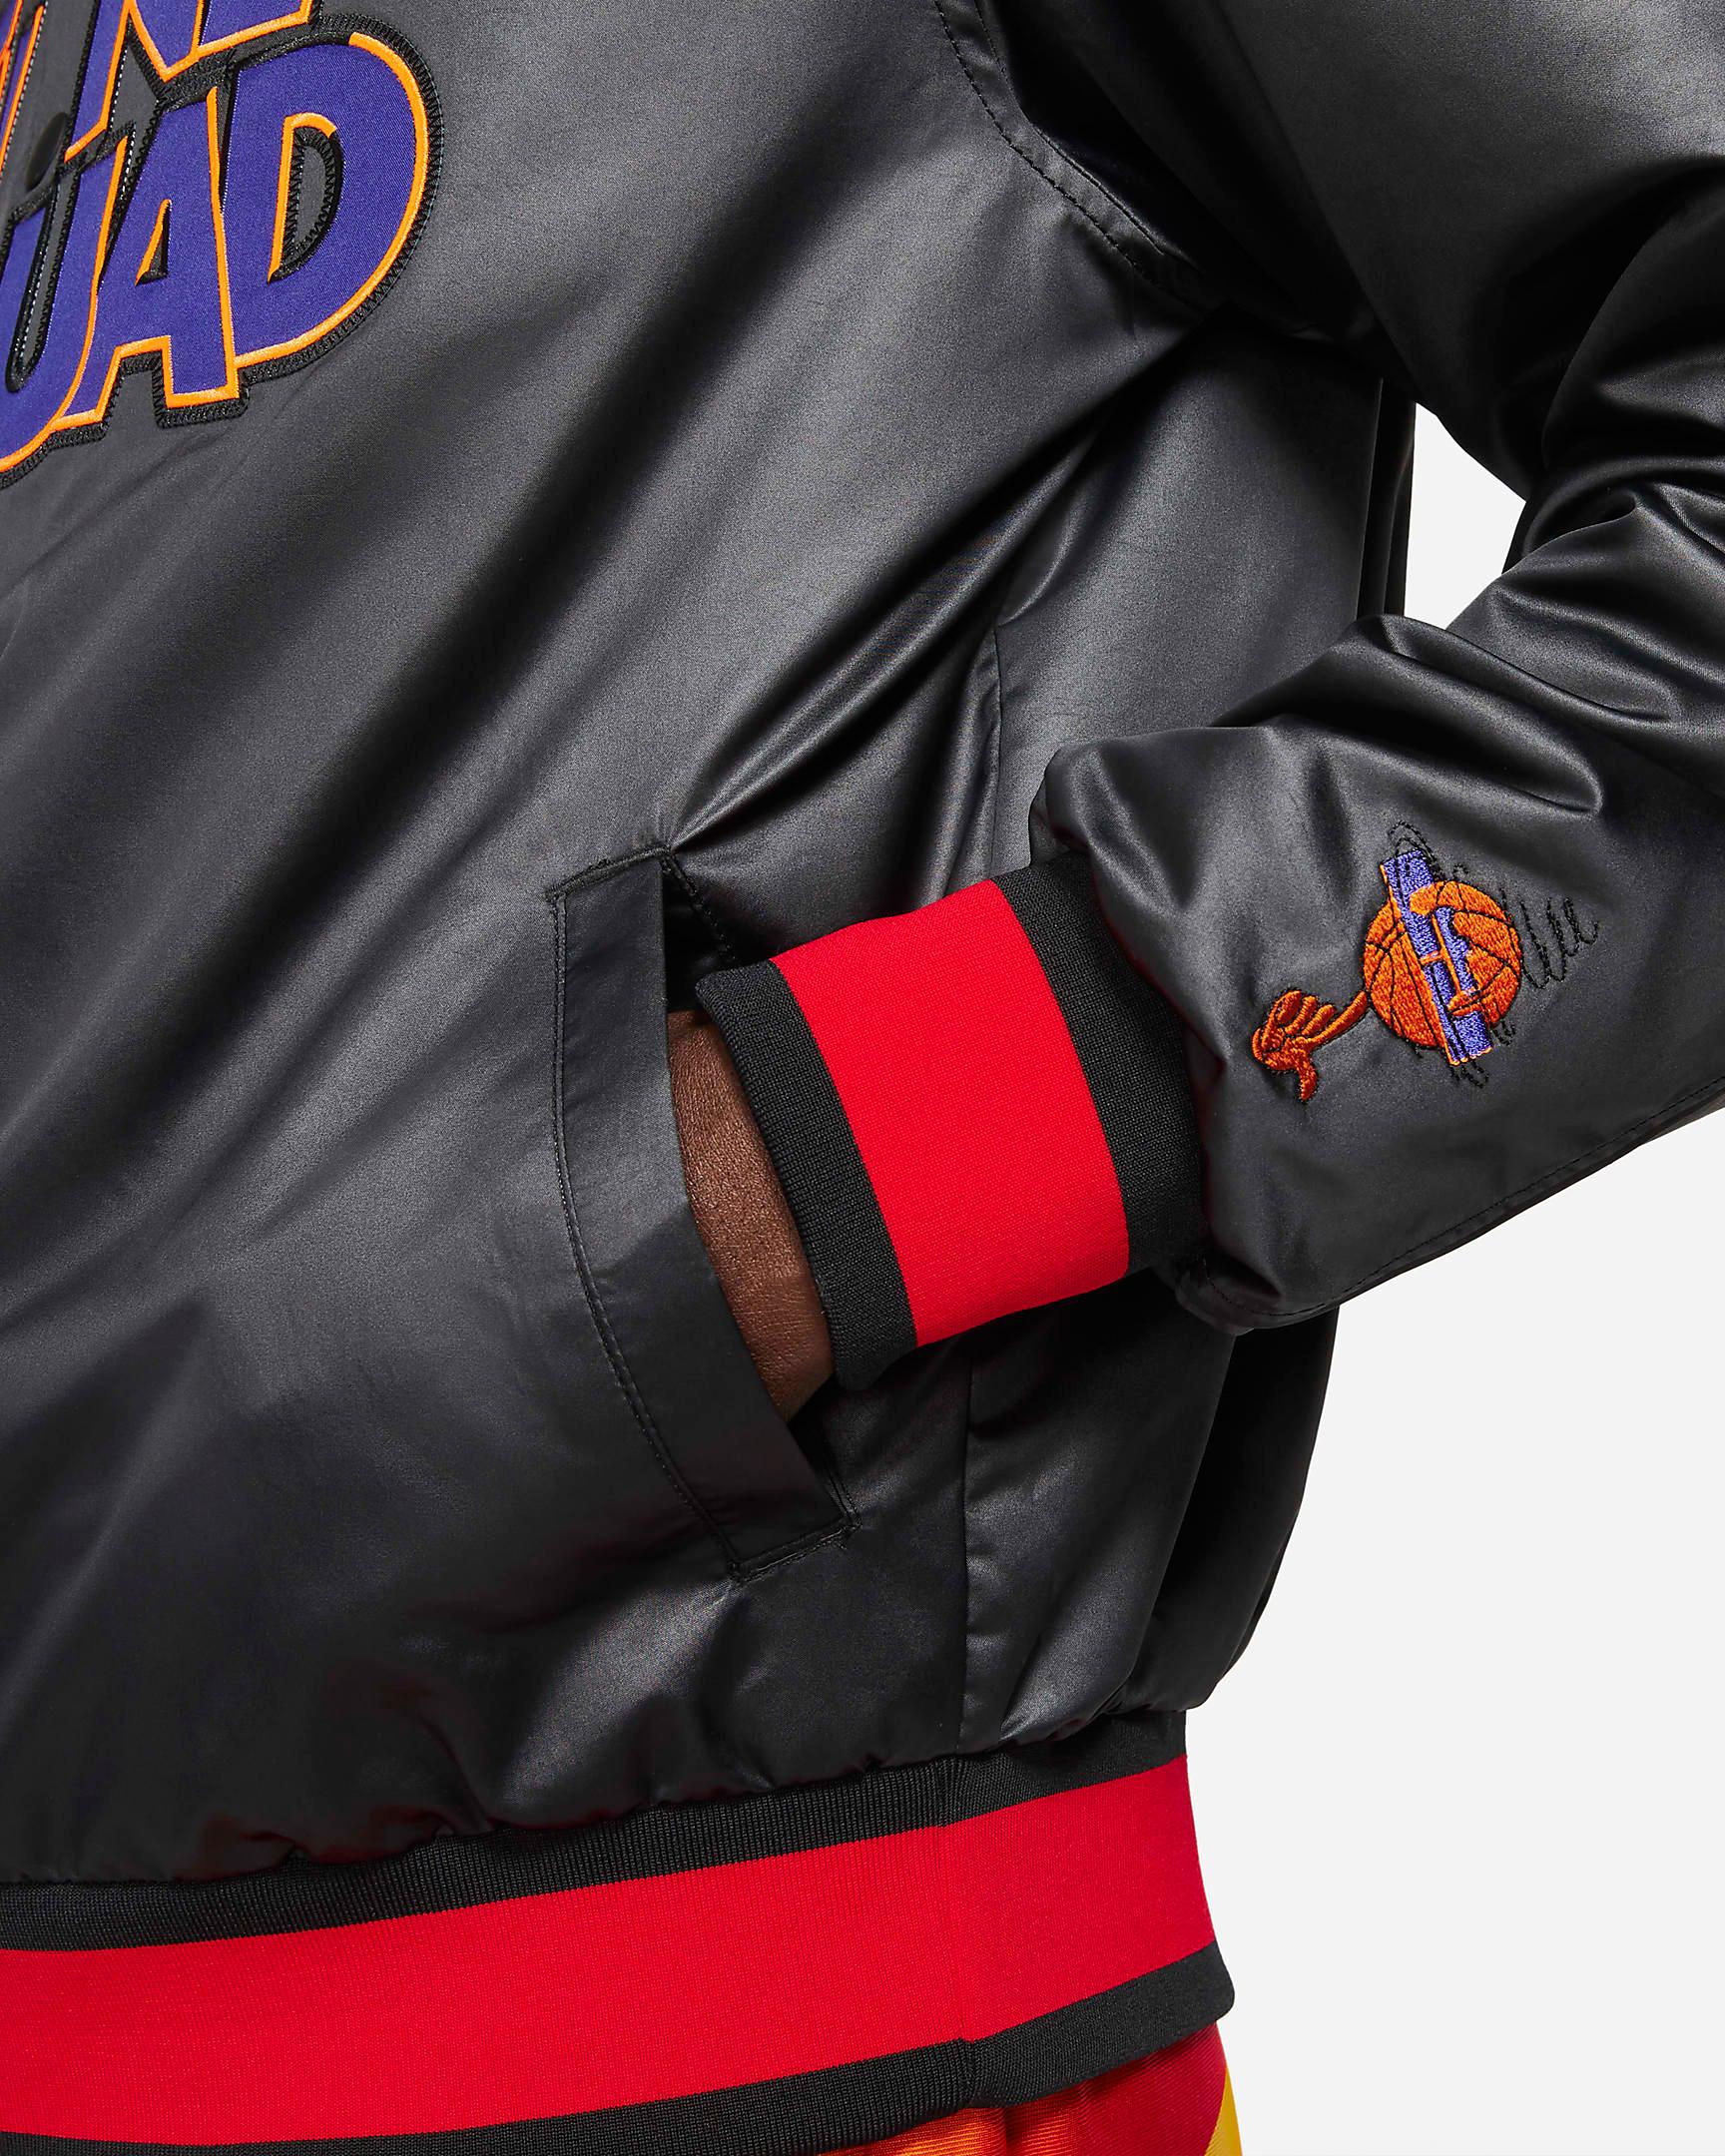 nike-lebron-space-jam-tune-squad-jacket-4